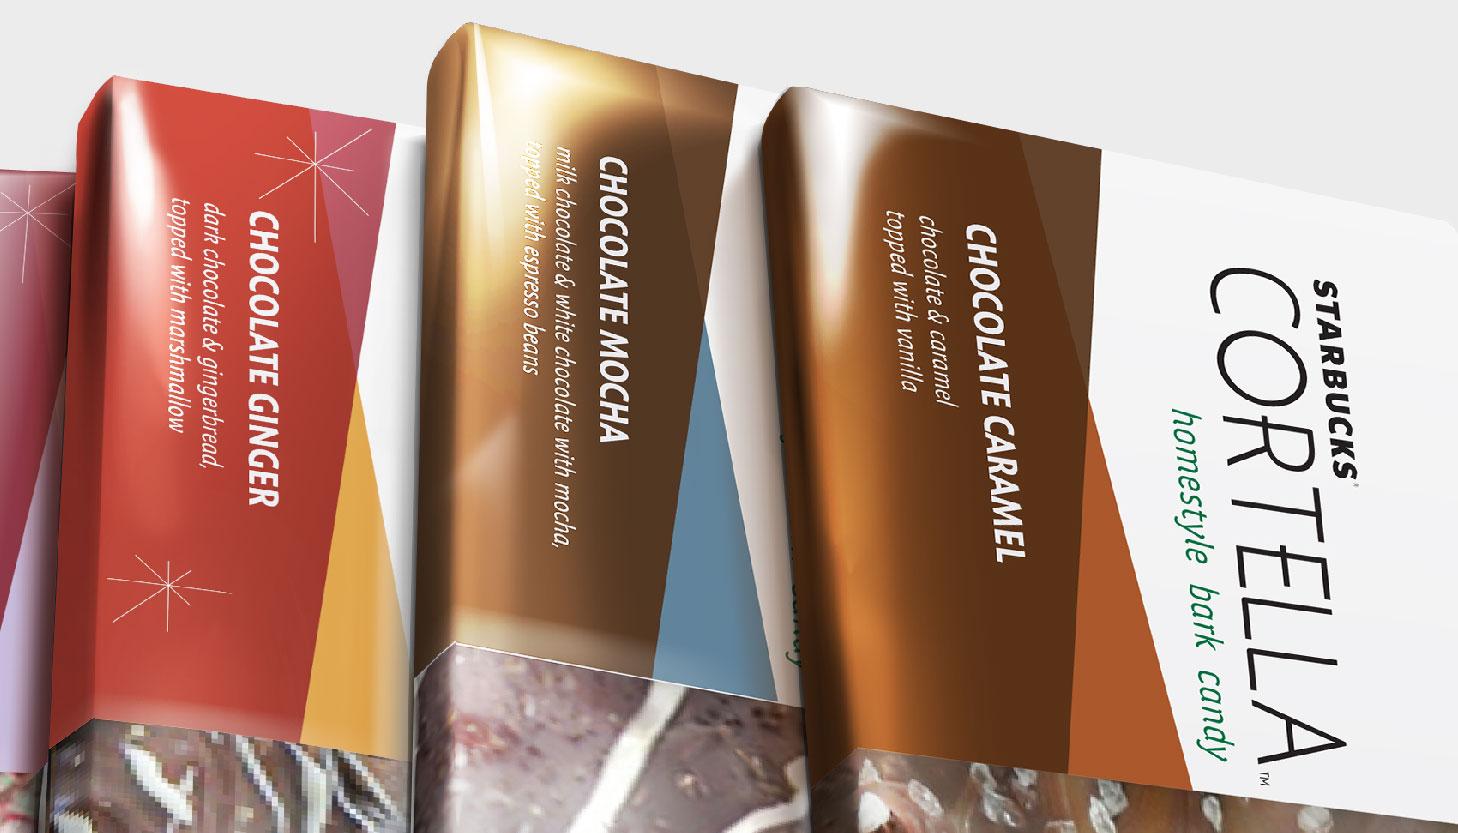 Cortella | Brand Identity & Package Design | Luke Sillies